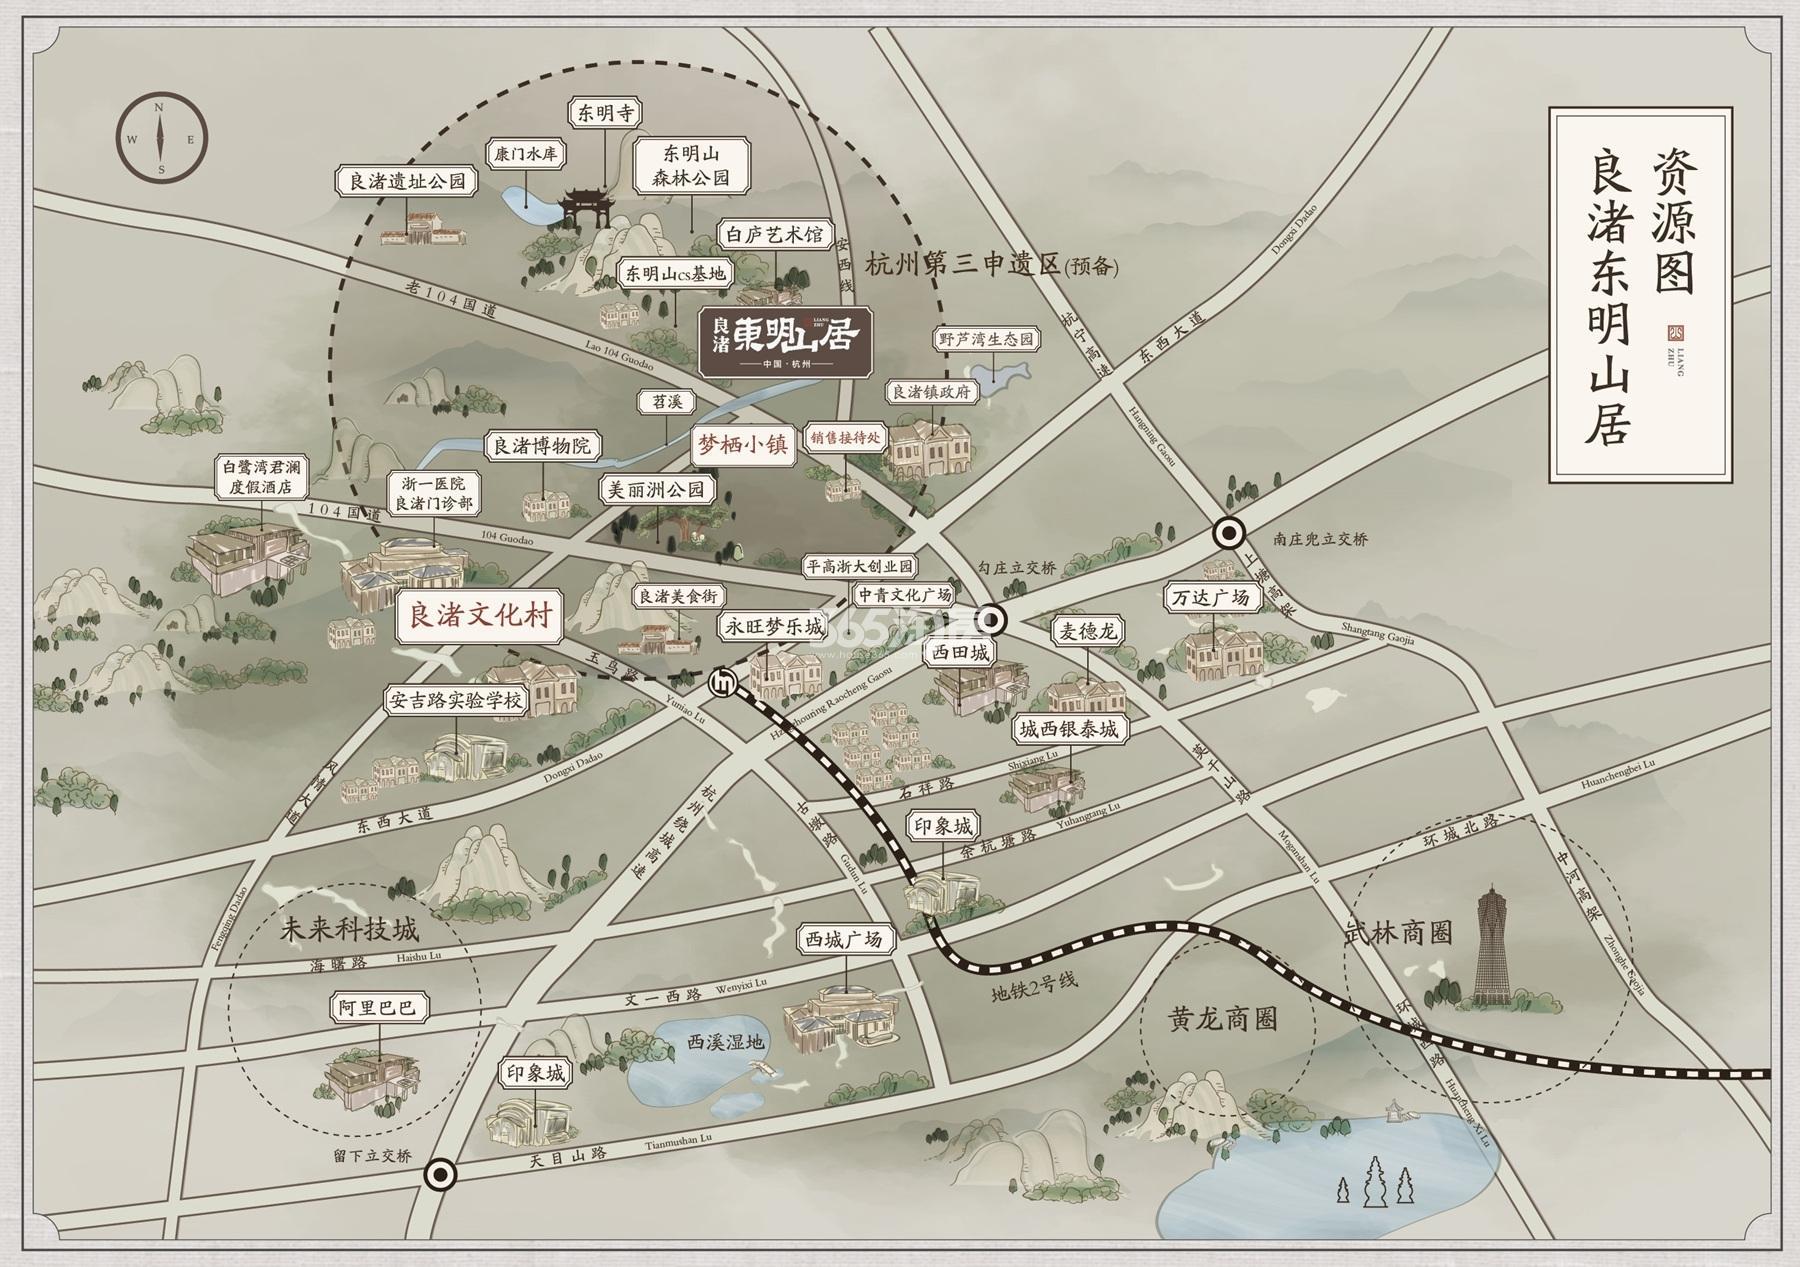 良渚东明山居交通图